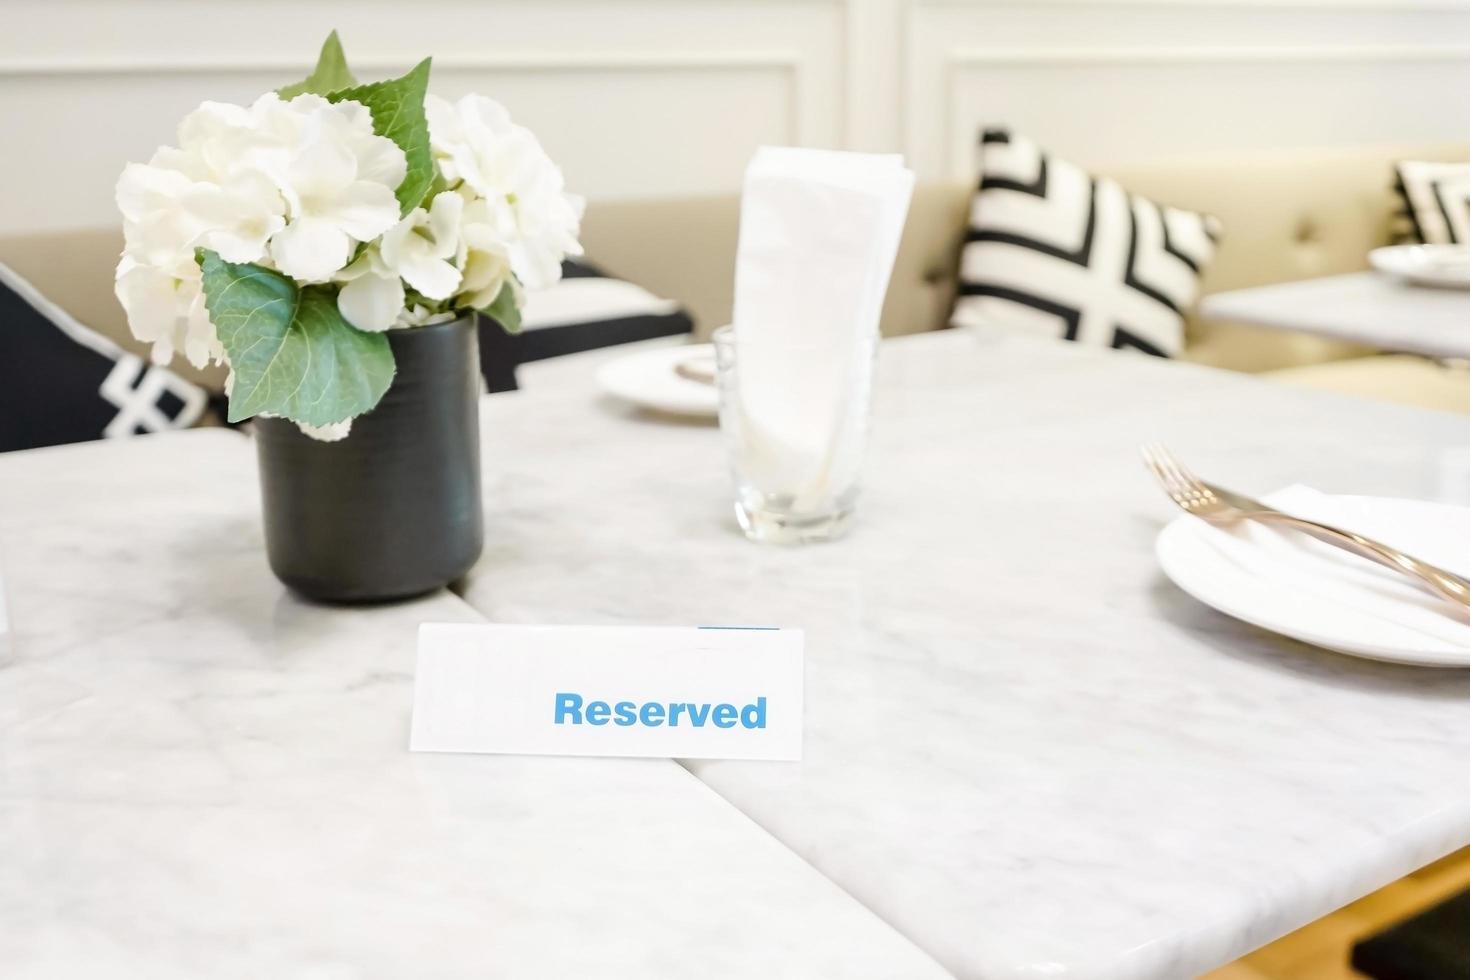 piatto riservato su un tavolo da pranzo in un ristorante con elegante tavola foto